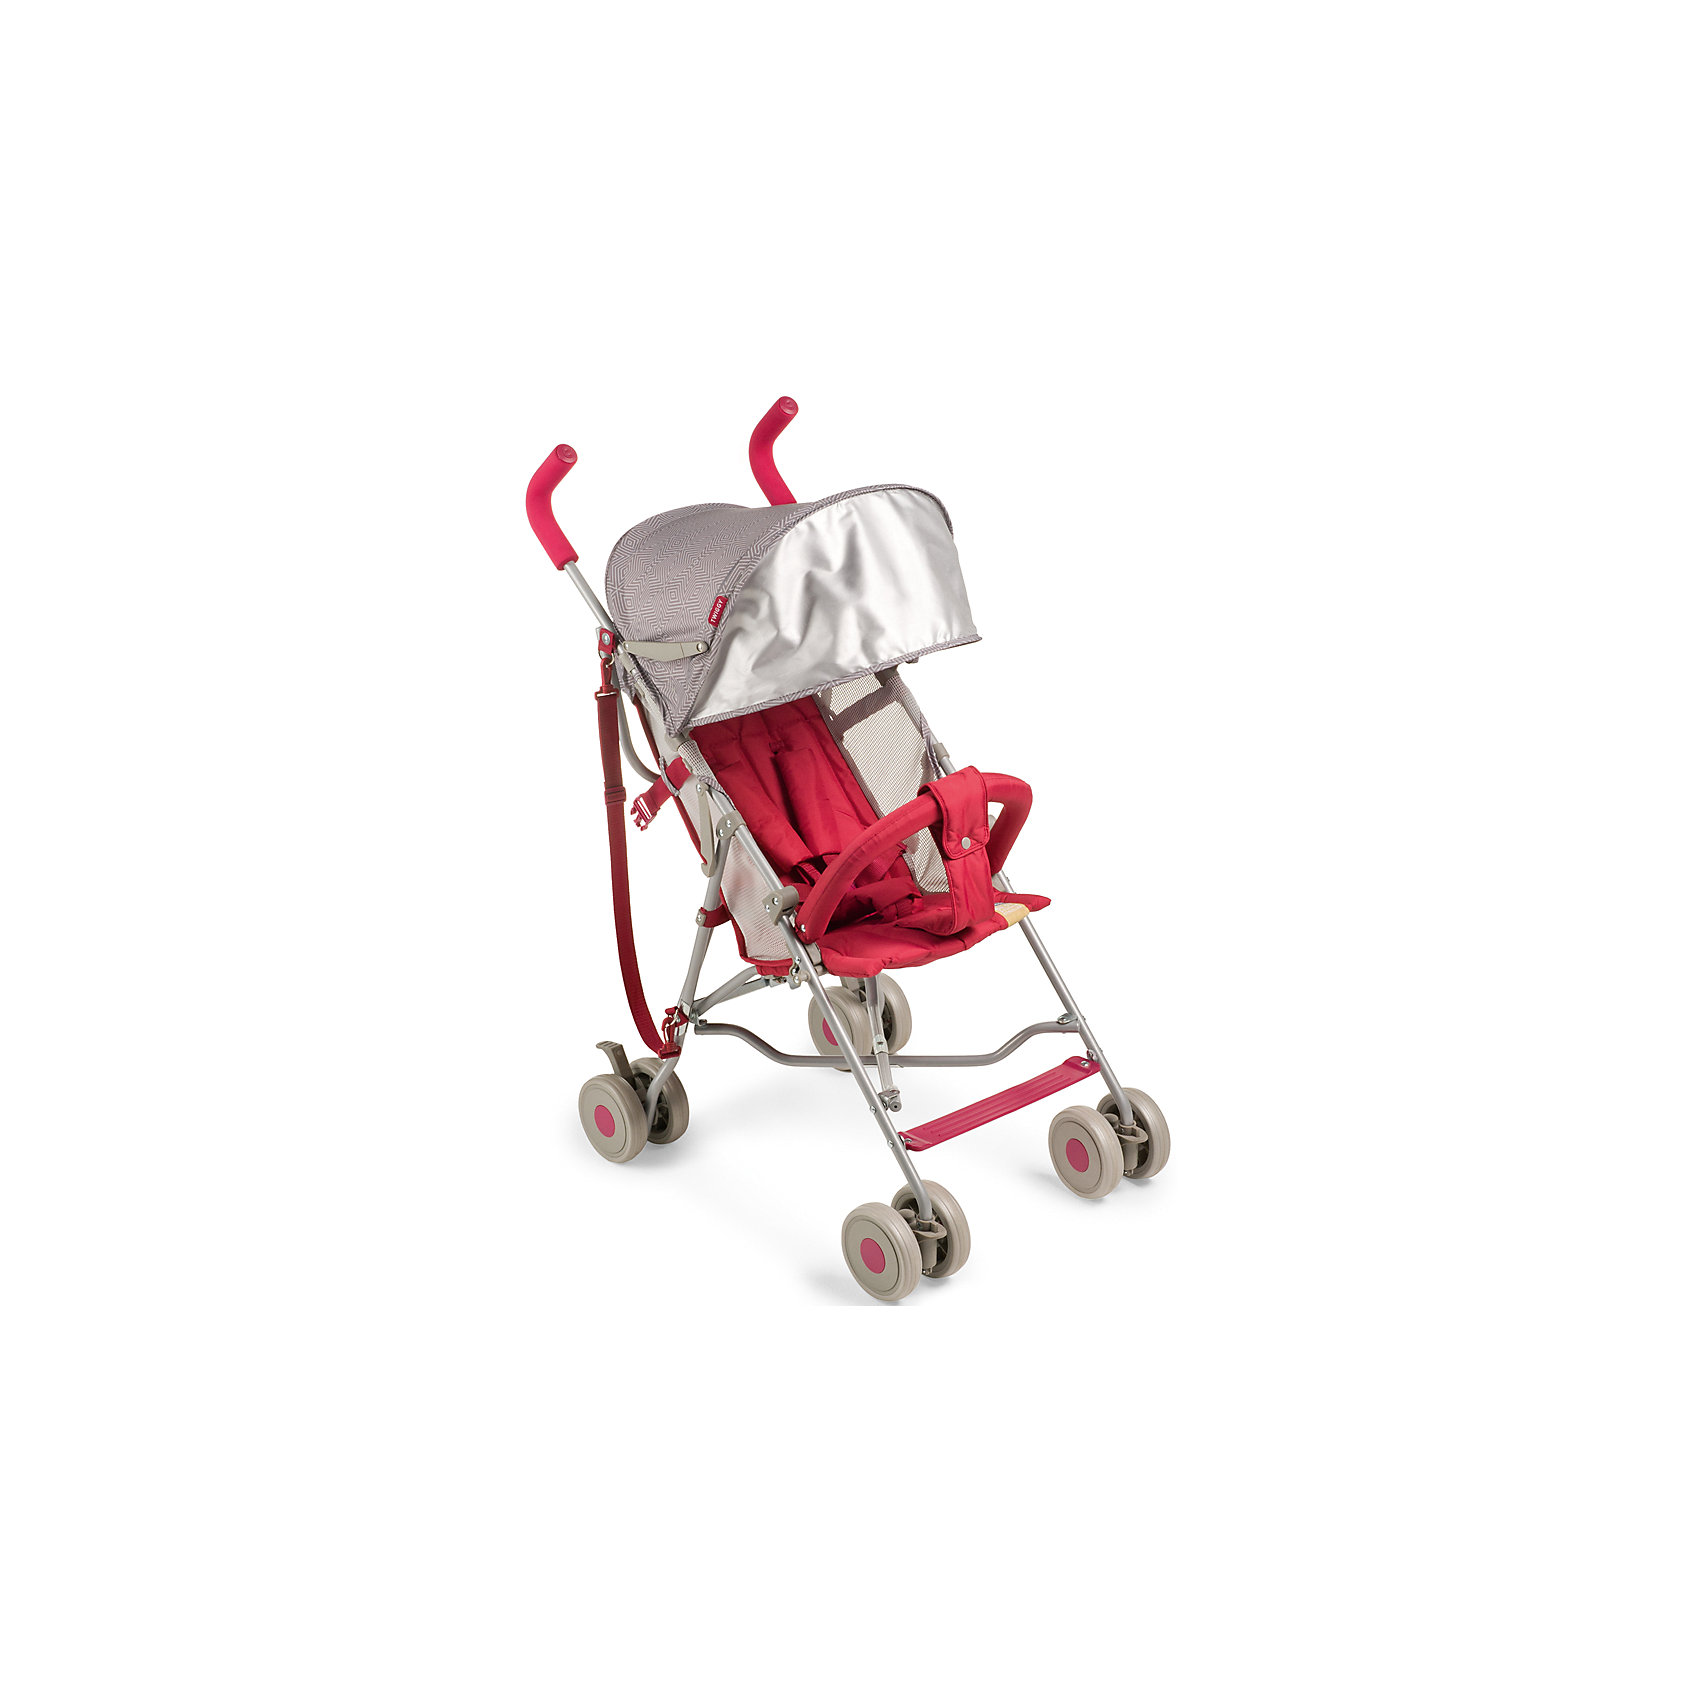 Коляска-трость Twiggy, Happy Baby, красныйКоляска TWIGGY создана специально для тех, кто ценит максимальный комфорт при минимальном весе. Отличный ход обеспечивают сдвоенные колеса, из которых передние поворотные на 360? с возможностью фиксации. Передние колеса с амортизацией, что дает дополнительный комфорт для ребенка. При весе всего 4,35 кг TWIGGY имеет пятиточечные ремни безопасности, мягкие нескользящие ручки, съемный бампер, большой капюшон с возможностью увеличения, ремень для переноски, подстаканник.<br><br>Дополнительная информация:<br><br>Максимальный вес ребенка: 15 кг<br>В разложенном виде ДхШхВ: 74х51х98 см<br>В сложенном виде ДхШхВ: 109х29х34 см<br>Вес коляски: 4,35 кг<br>Ширина сиденья: 30 см<br>Глубина сиденья: 26 см<br>Длина спального места: 69 см<br>Ширина колесной базы: 51 см<br>Диаметр колес: 13 см<br>Кол-во положений спинки: 2 положения<br>Регулировка ручки: отсутствует<br>Регулировка подножки: отсутствует<br>Передние поворотные колеса с возможностью фиксации<br>Тип складывания: трость<br>В комплекте:, ремень для переноски, подстаканник<br><br>Коляску-трость Twiggy, Happy Baby, красную можно купить в нашем магазине.<br><br>Ширина мм: 305<br>Глубина мм: 190<br>Высота мм: 1130<br>Вес г: 6800<br>Цвет: красный<br>Возраст от месяцев: 7<br>Возраст до месяцев: 36<br>Пол: Унисекс<br>Возраст: Детский<br>SKU: 4655667